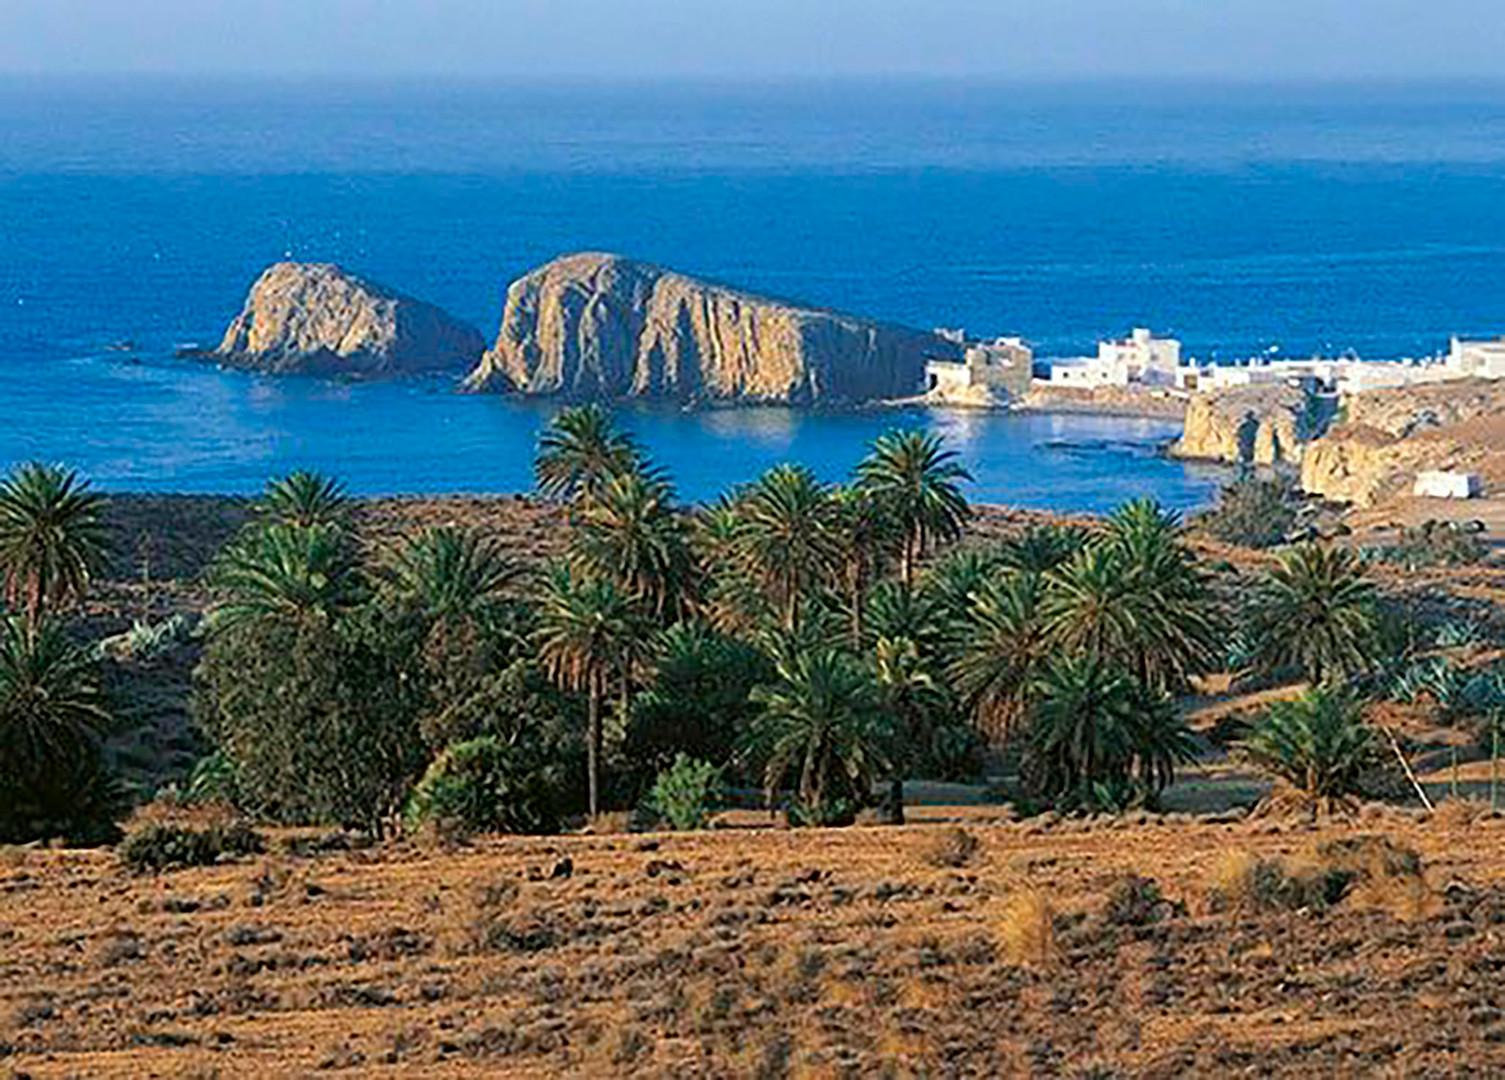 La Isleta del Moro - Cabo de Gata